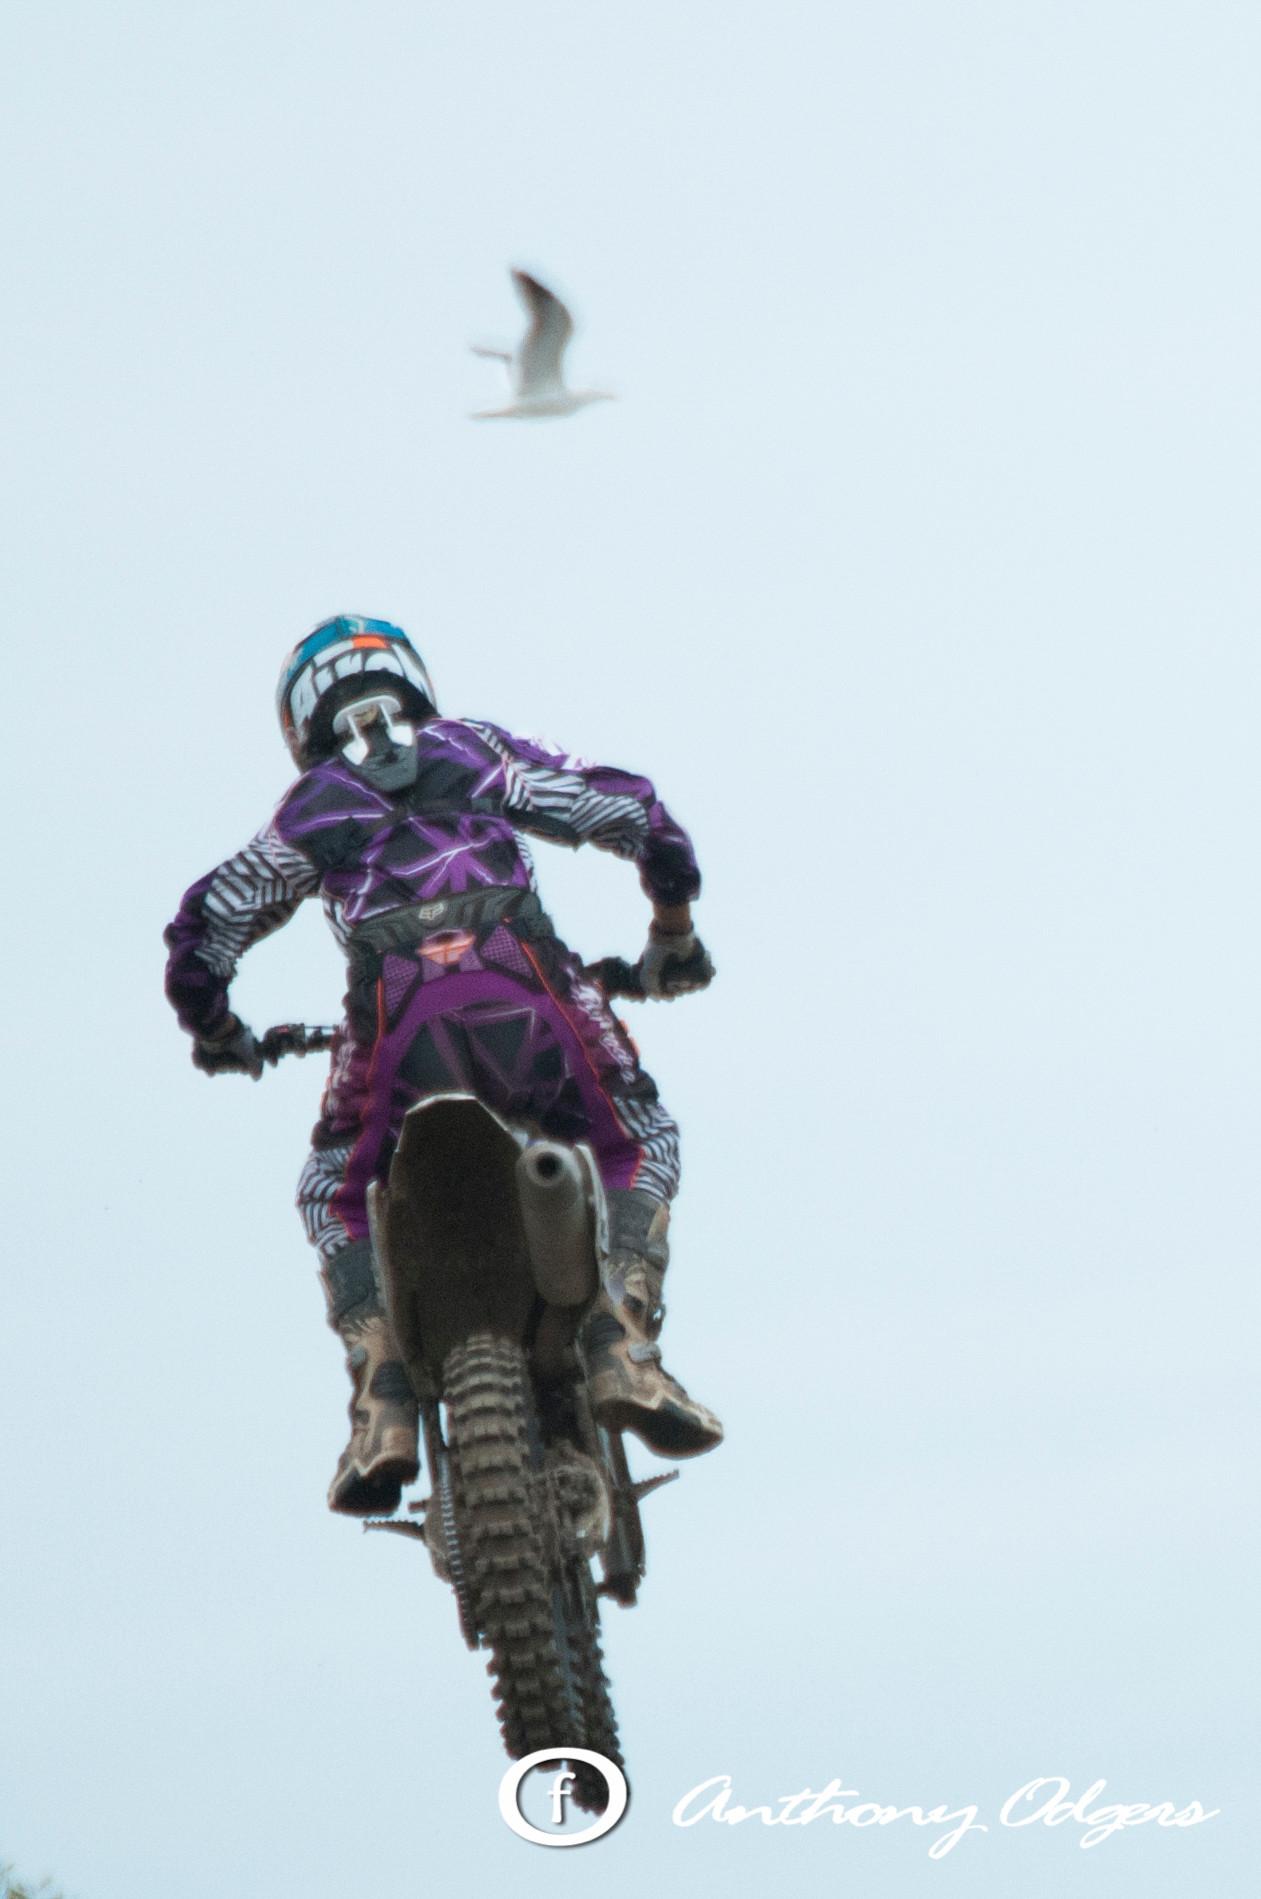 2013-01-06-Motocross Enduro-32.jpg